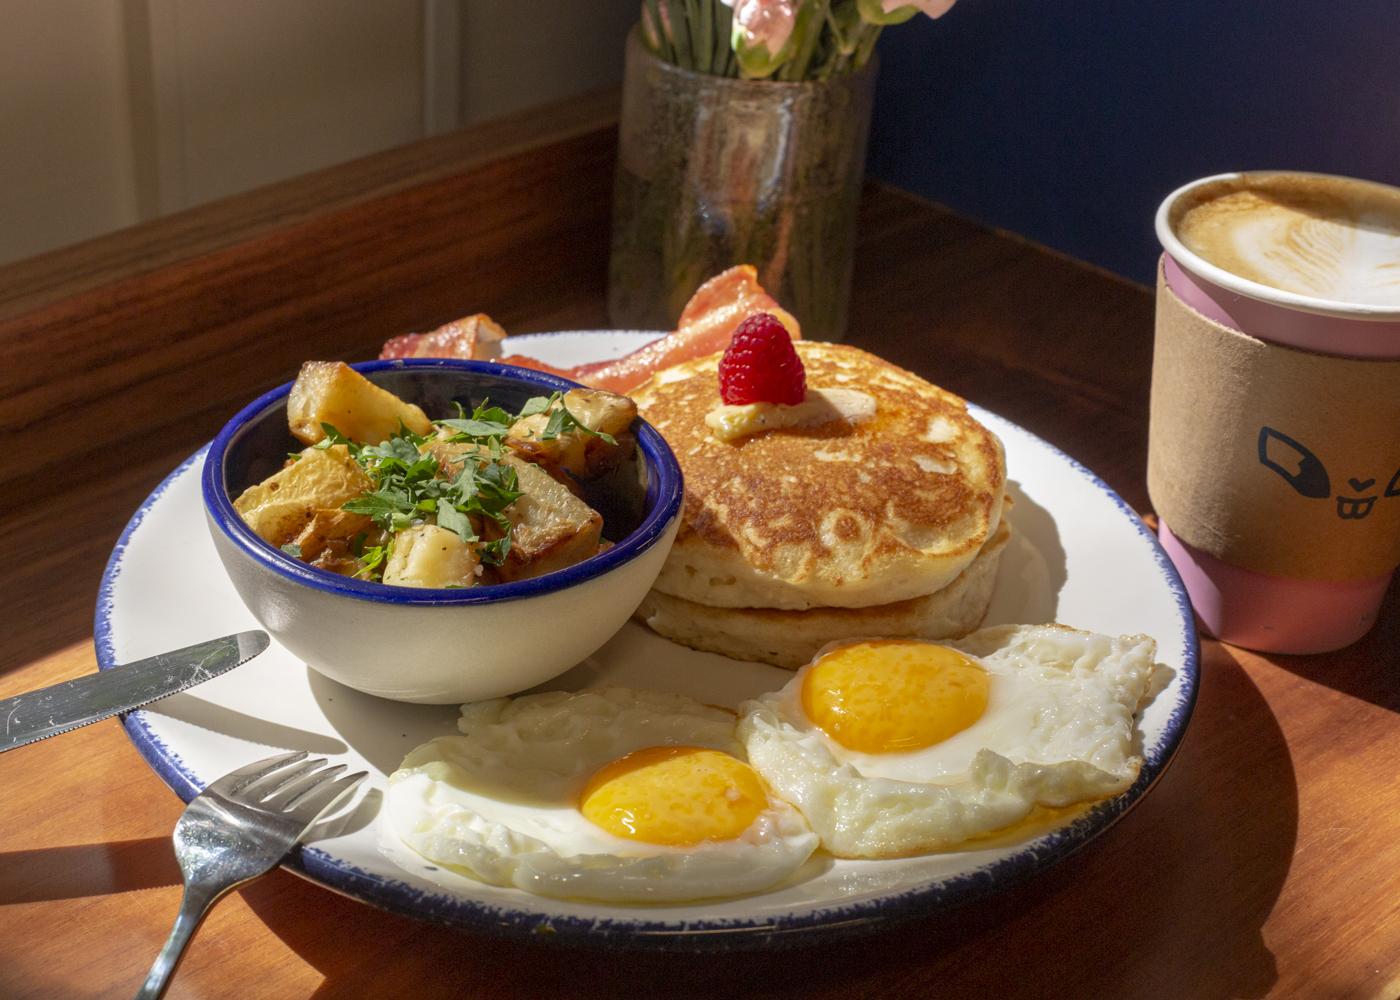 ¿Despertaste tarde? Acá hay desayunos (ricos) todo el día